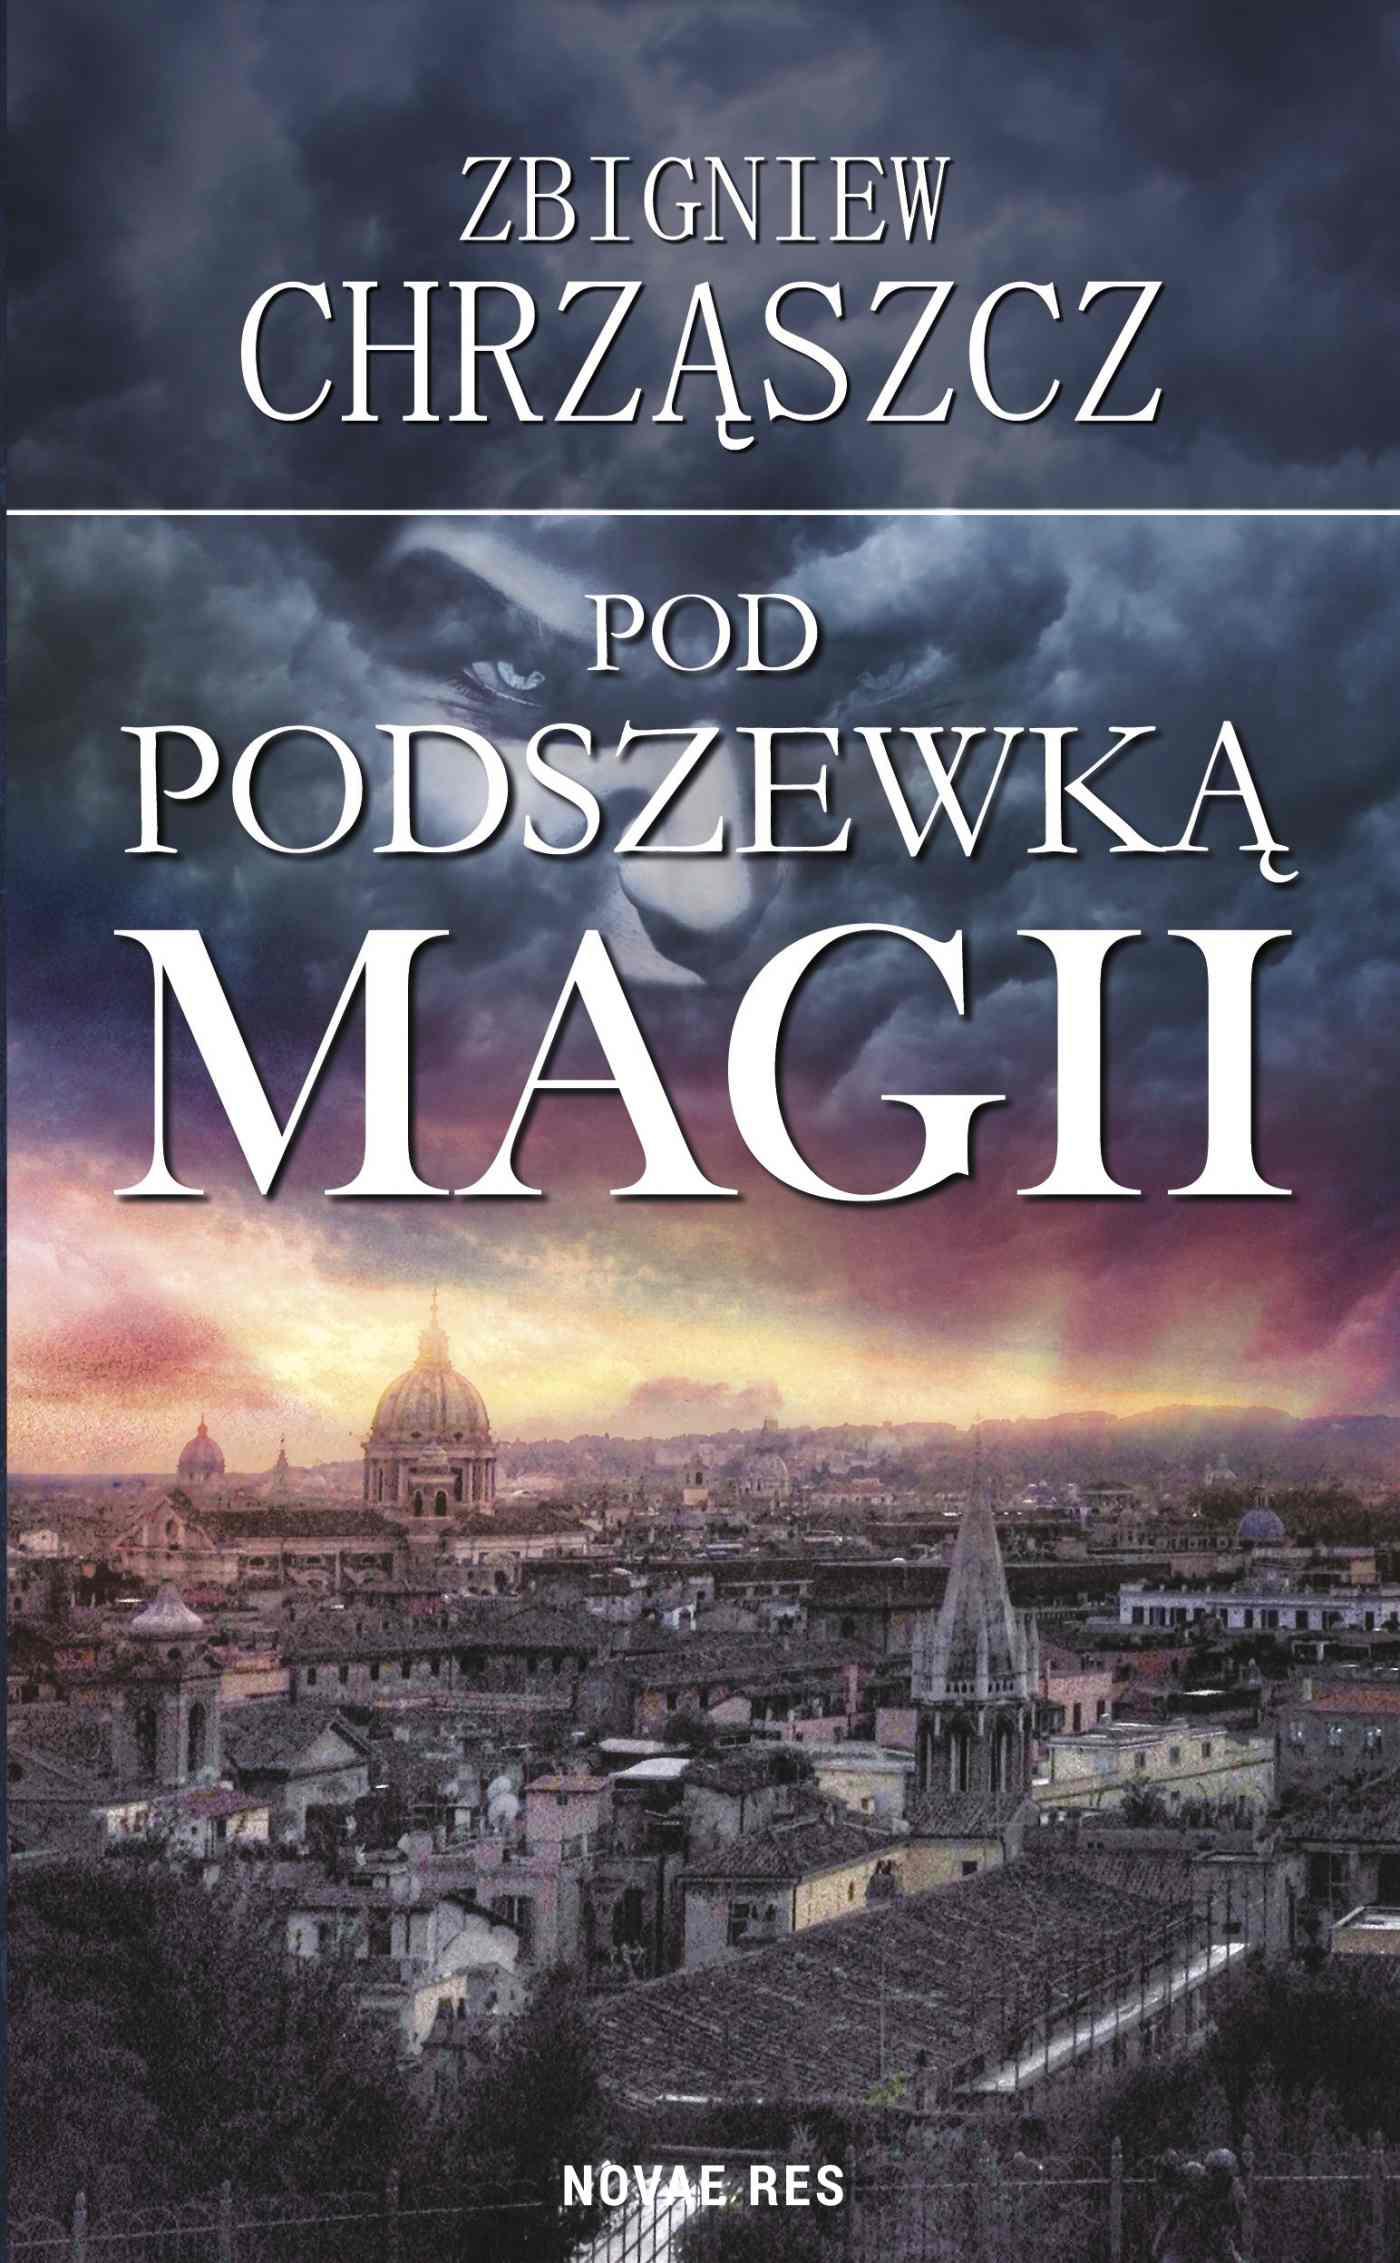 Pod podszewką magii - Ebook (Książka EPUB) do pobrania w formacie EPUB